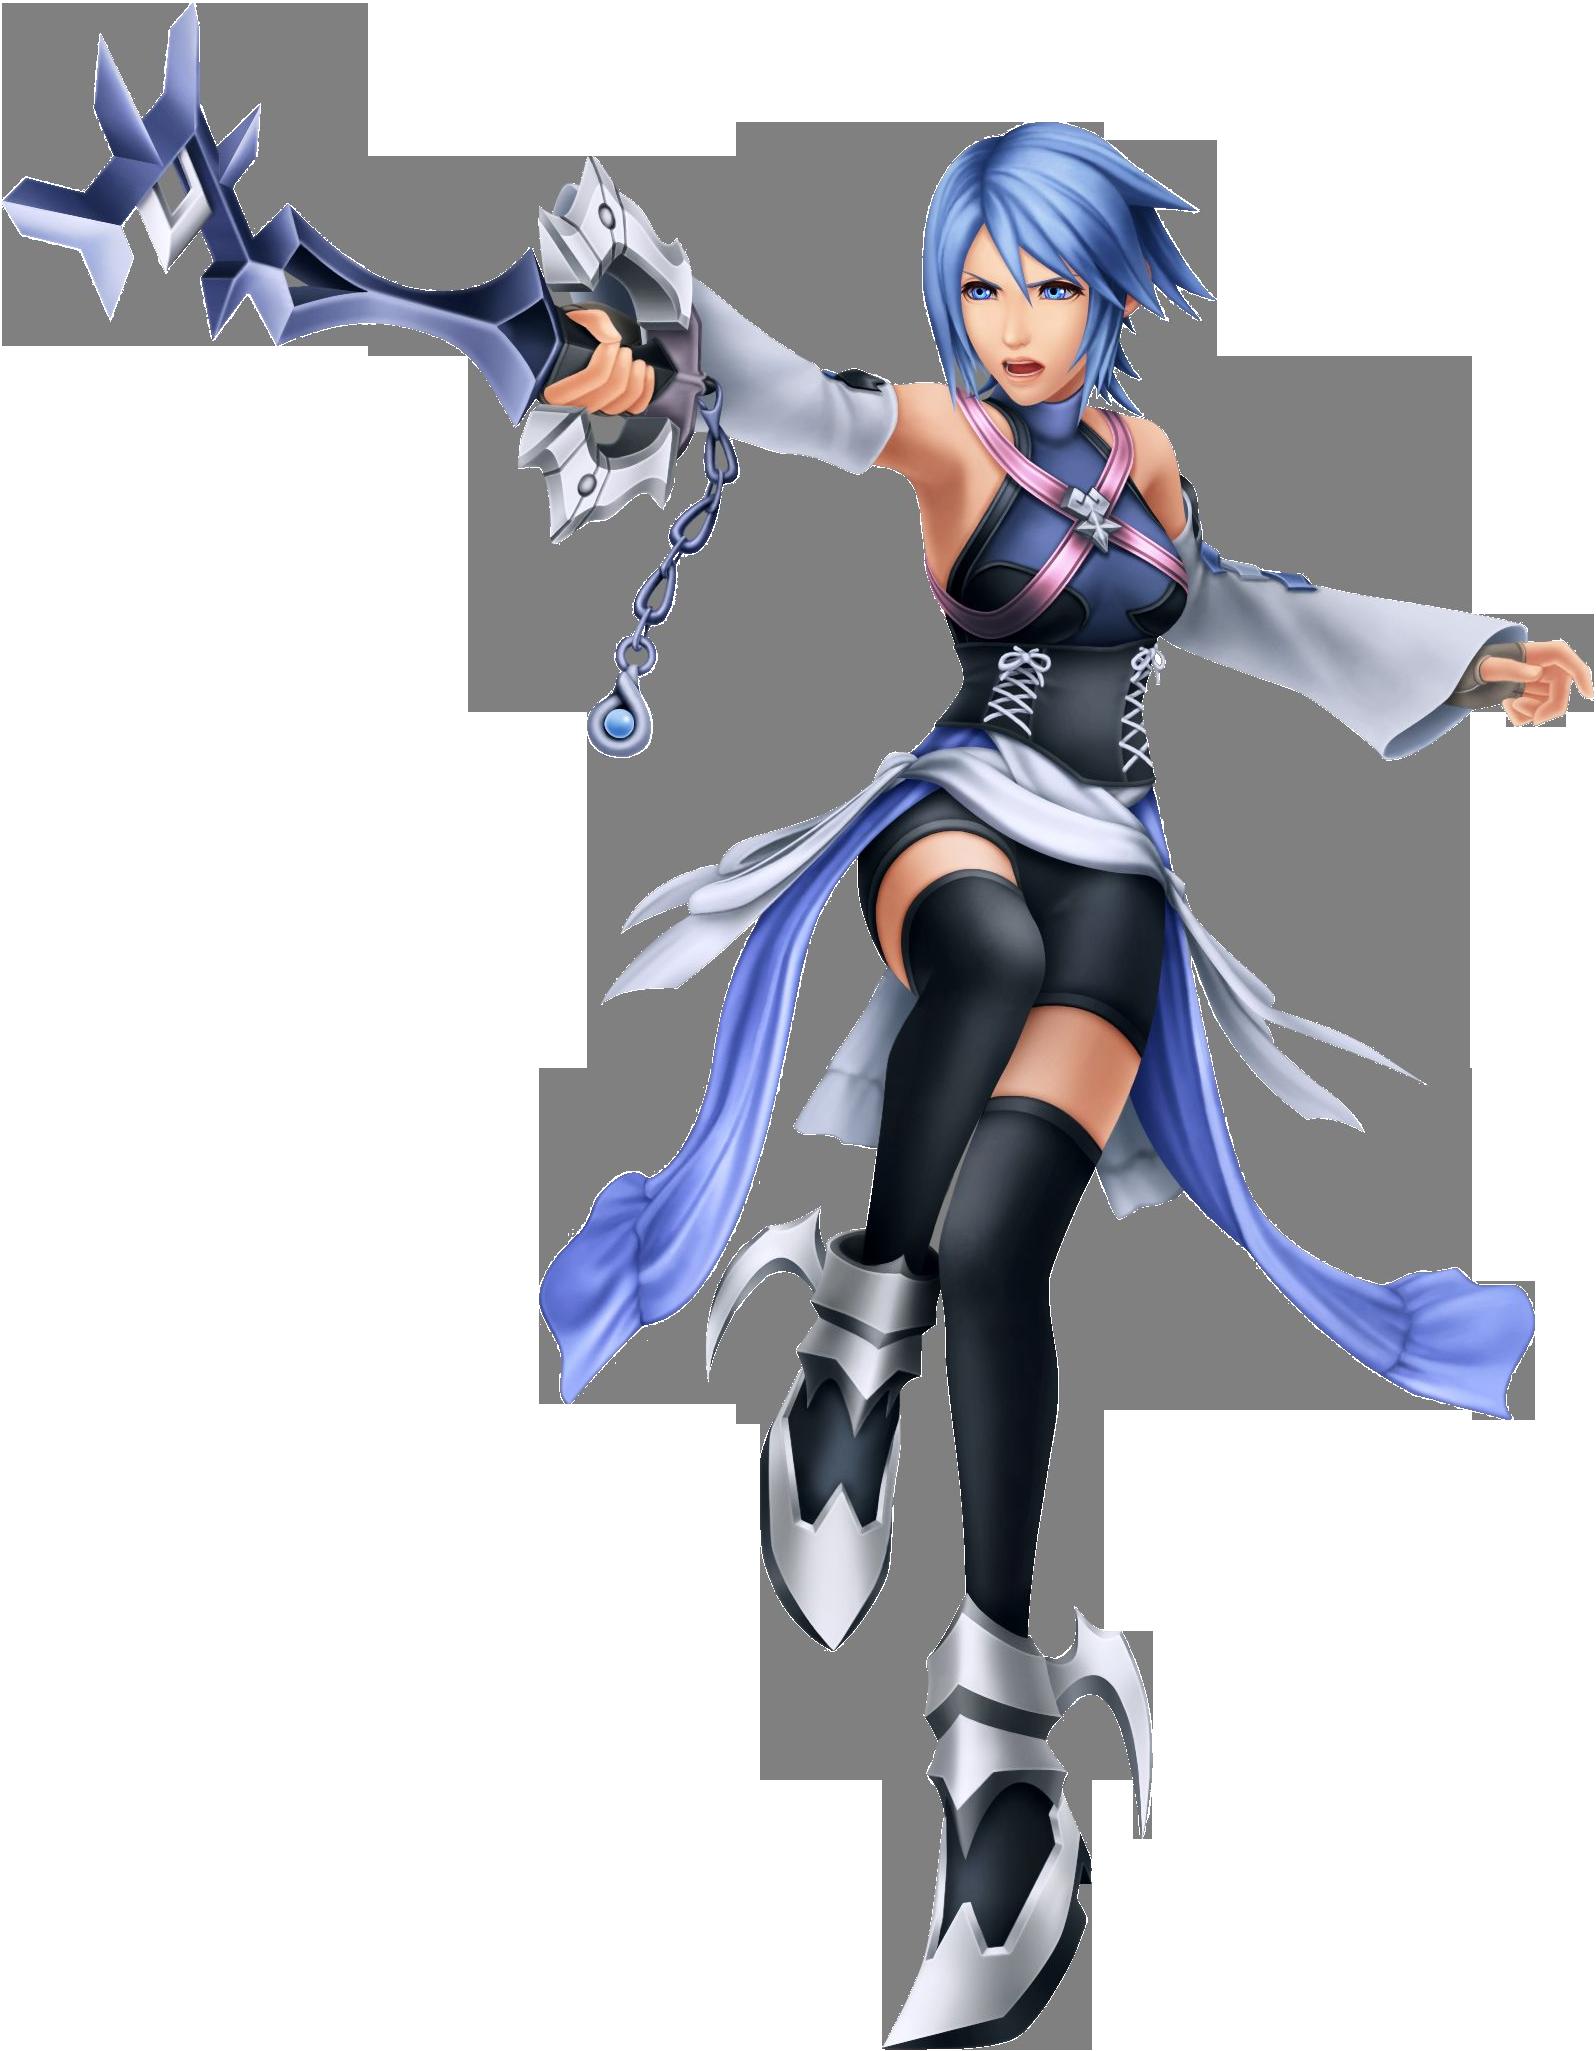 K Anime Characters Wikipedia : Aqua kingdom hearts character profile wikia fandom